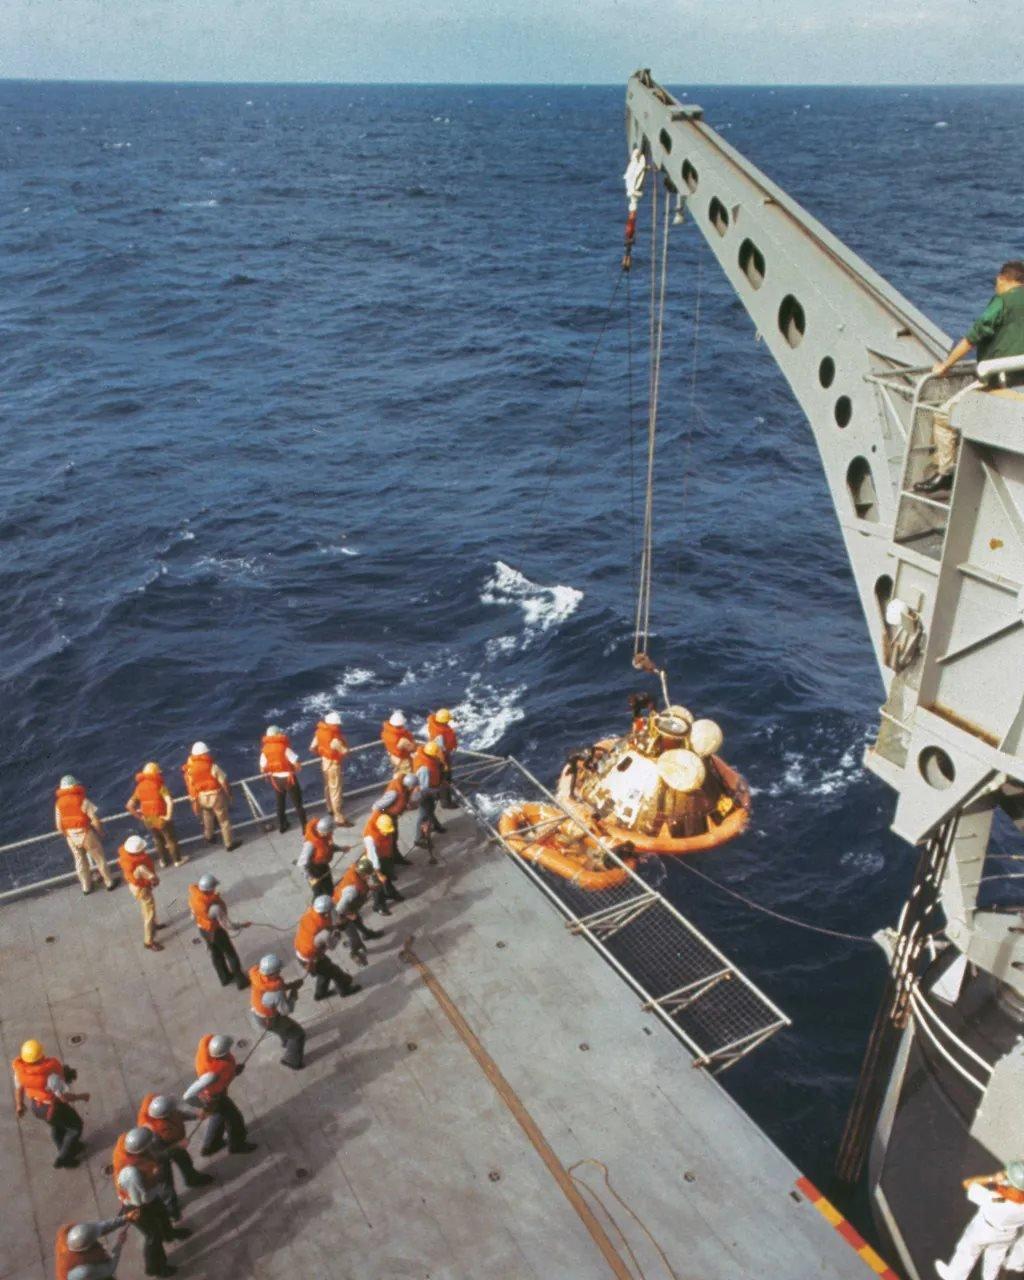 一架起重機將阿波羅11號太空艙抬到飛船上,而宇航員已經在飛船上了。